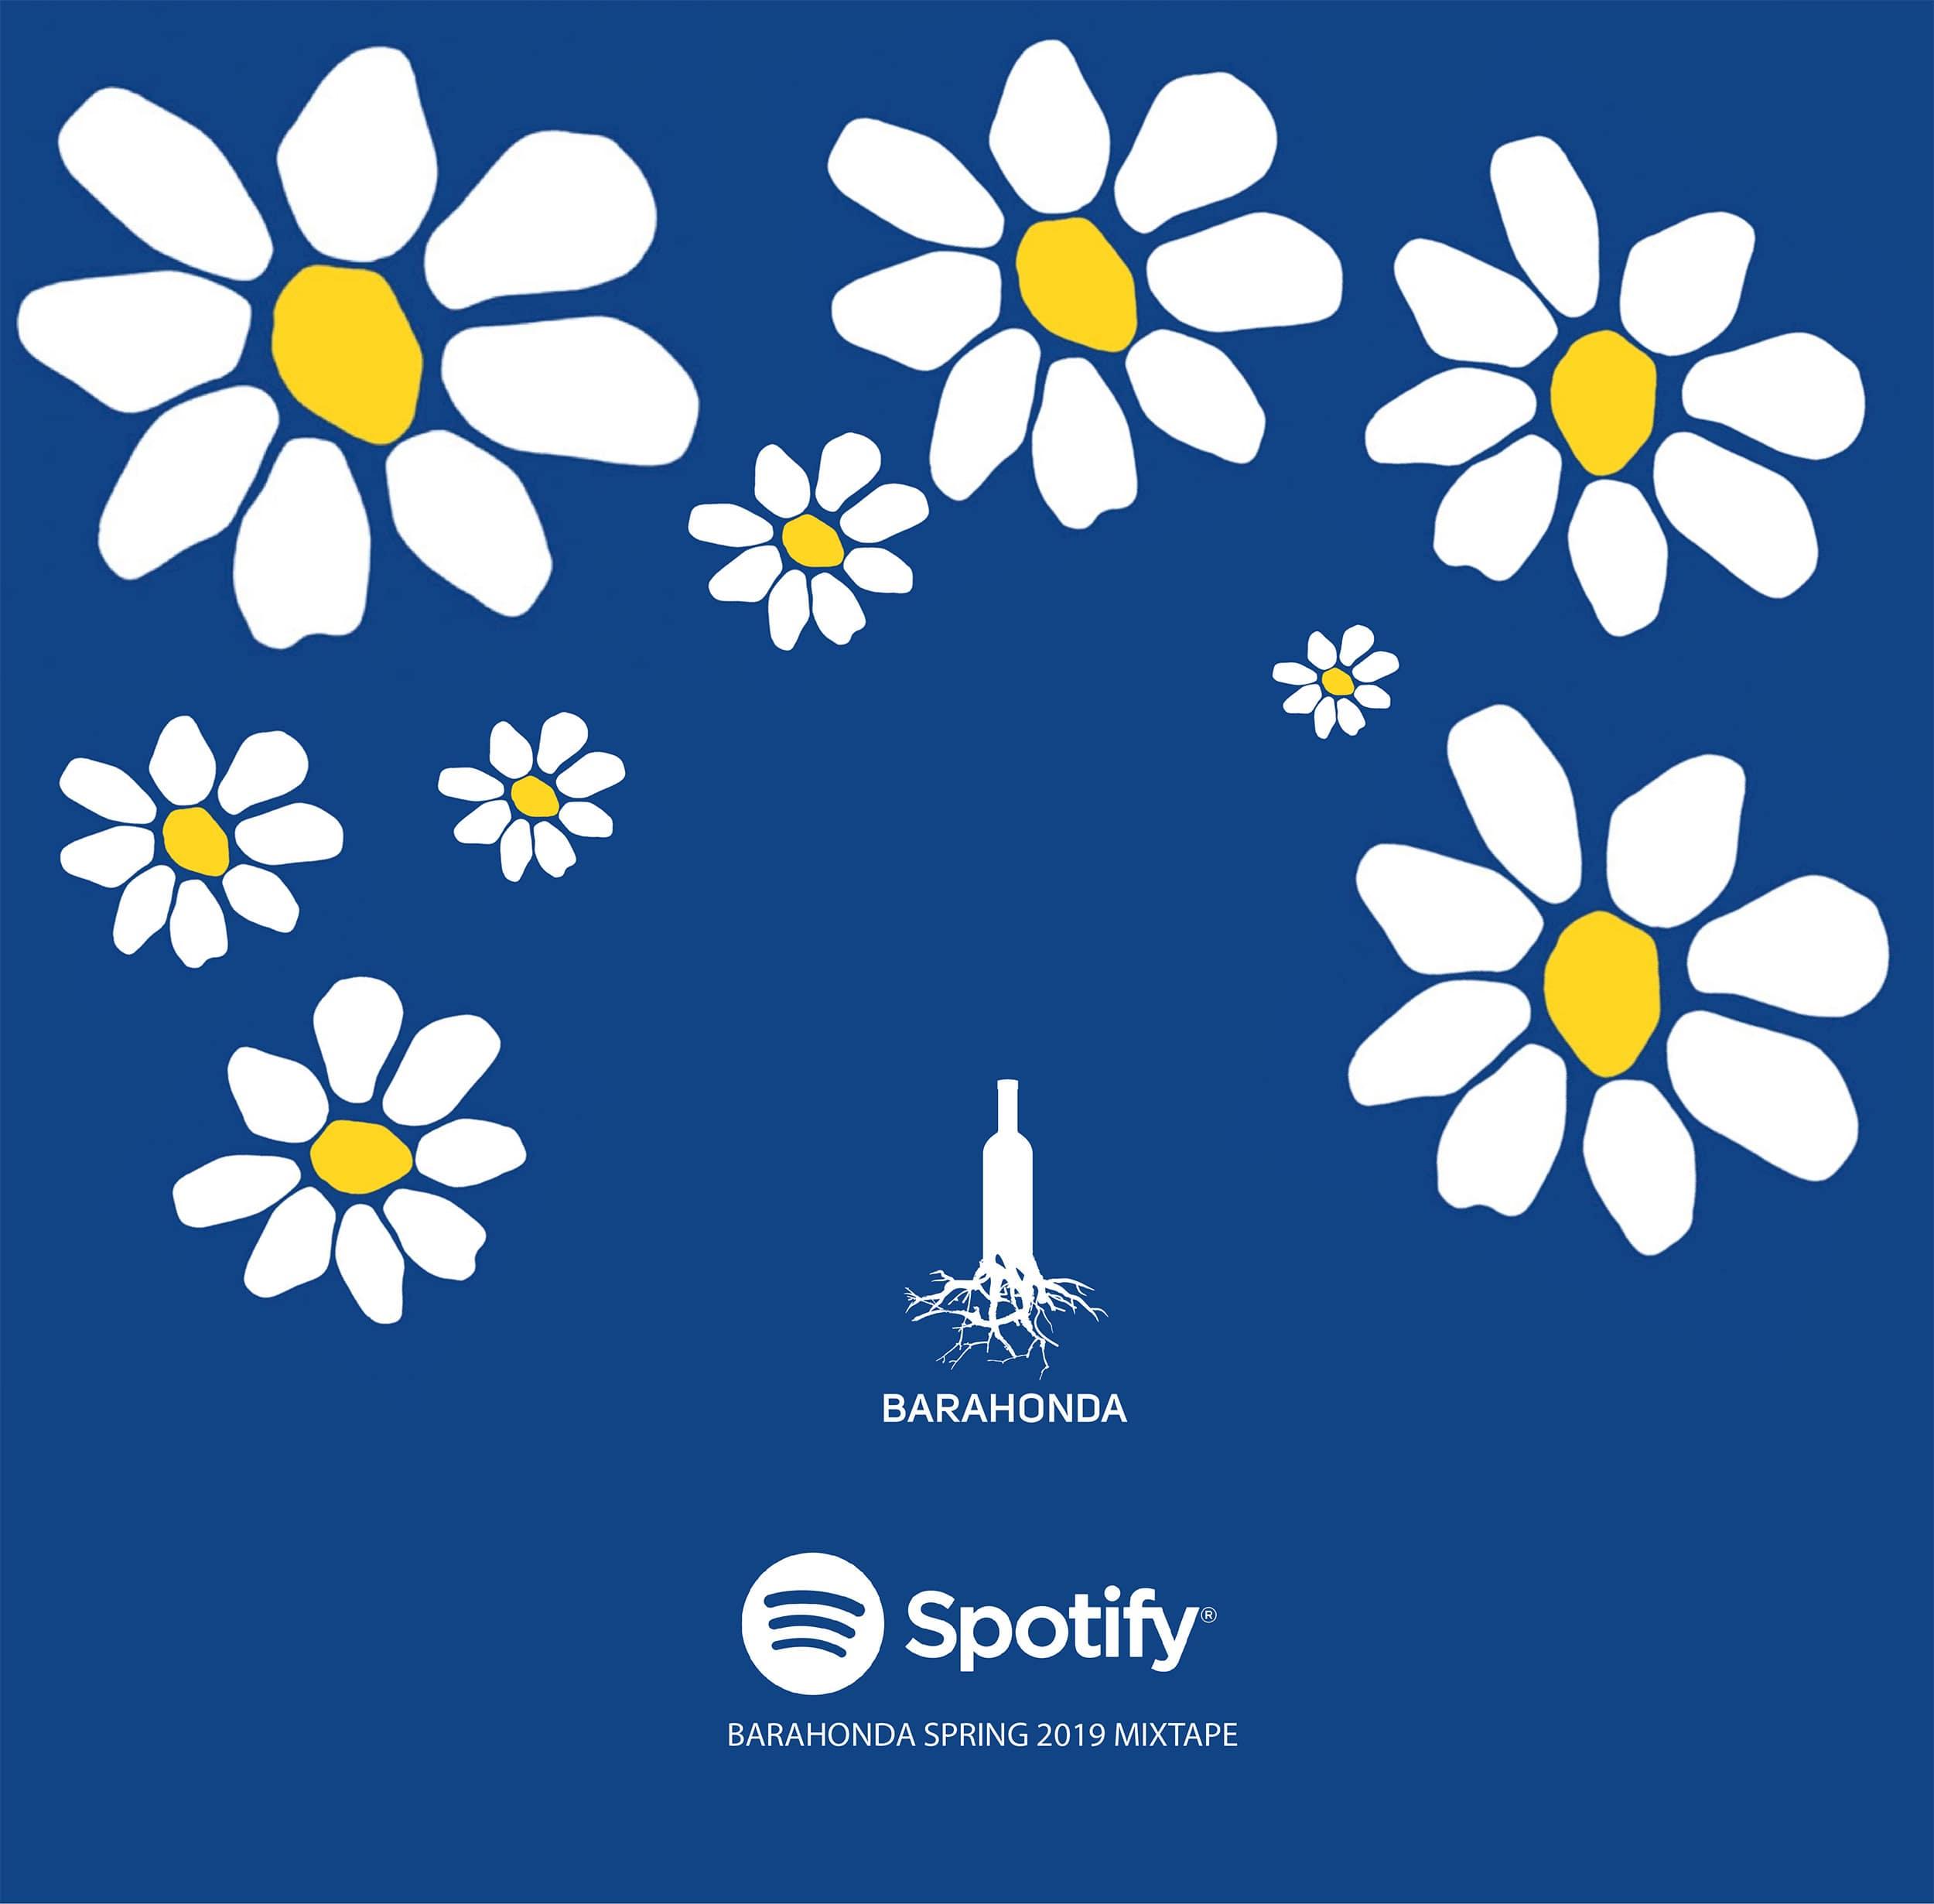 Spring 2019 Mixtape